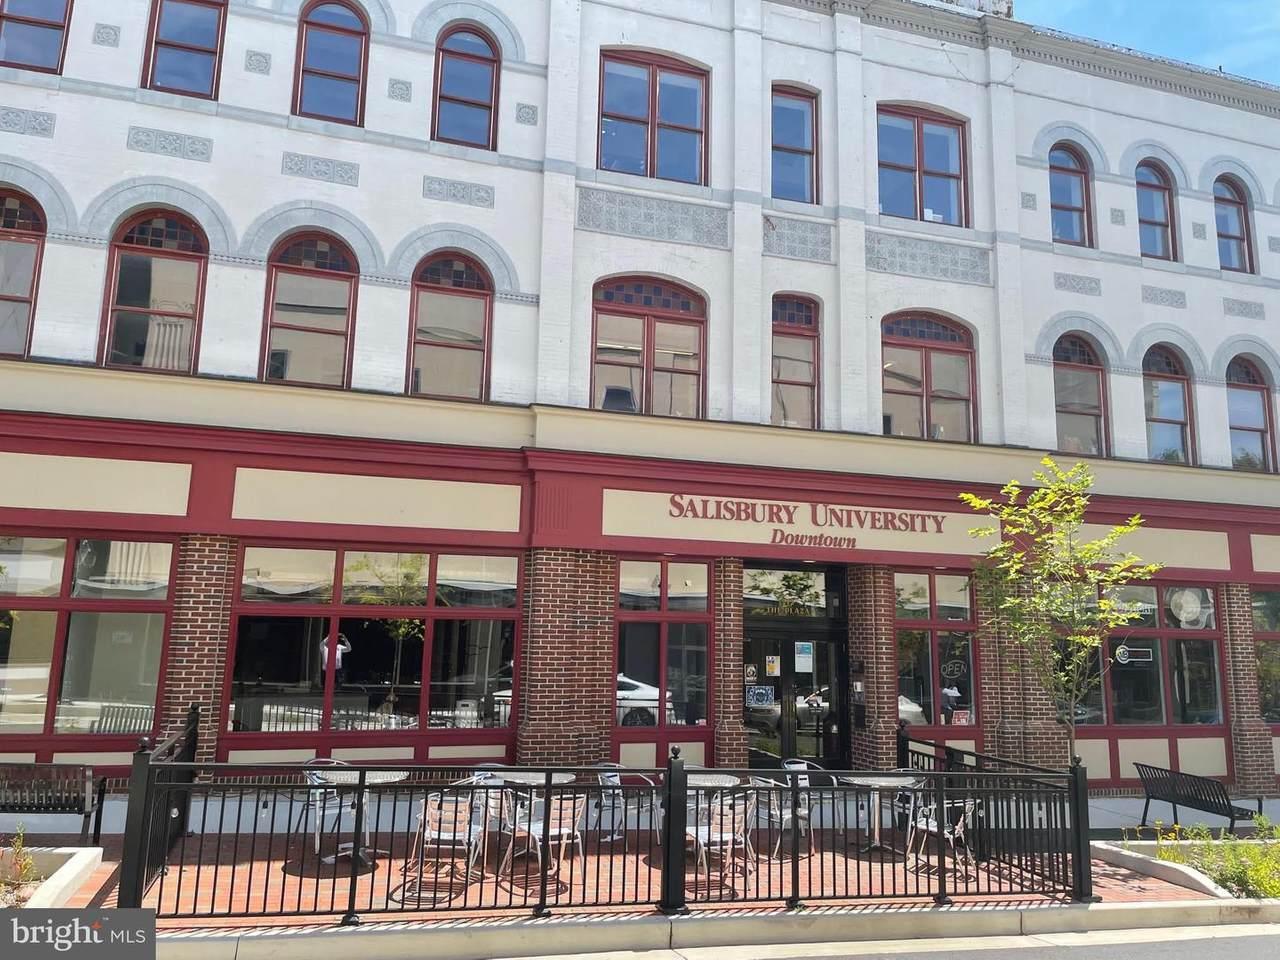 212 W. Main Street - Photo 1